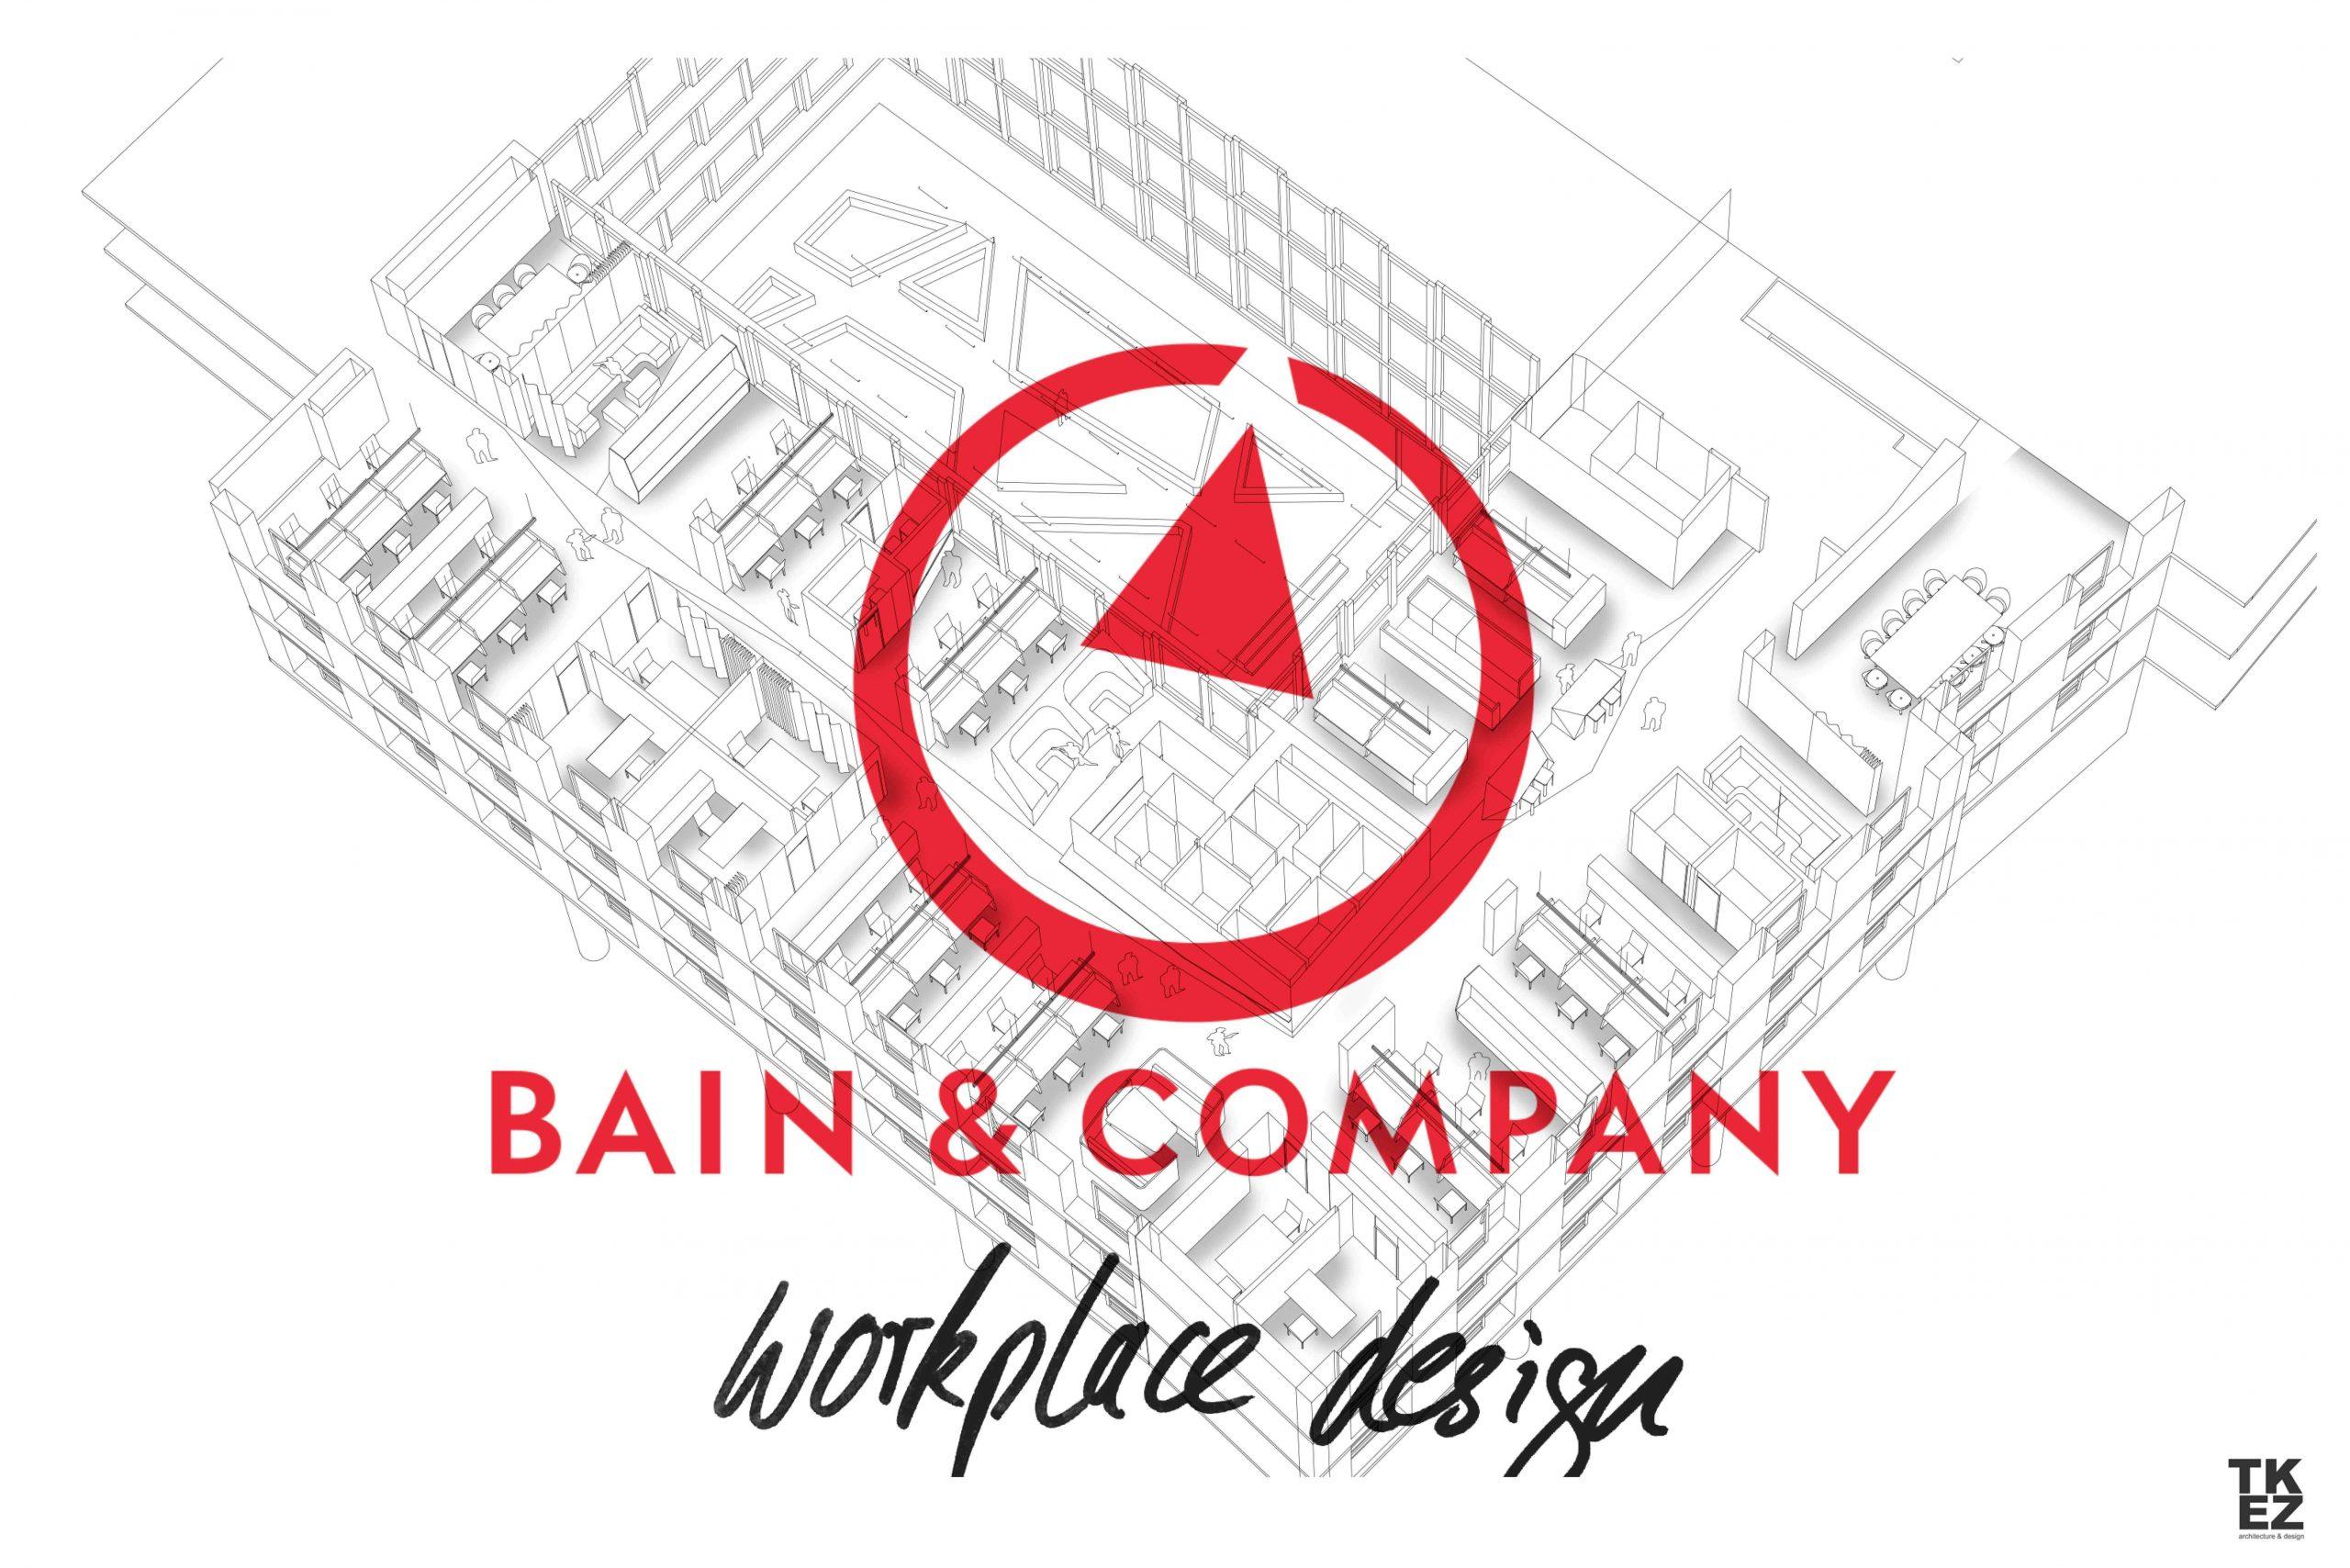 Neues Büro Bain & Company TKEZ